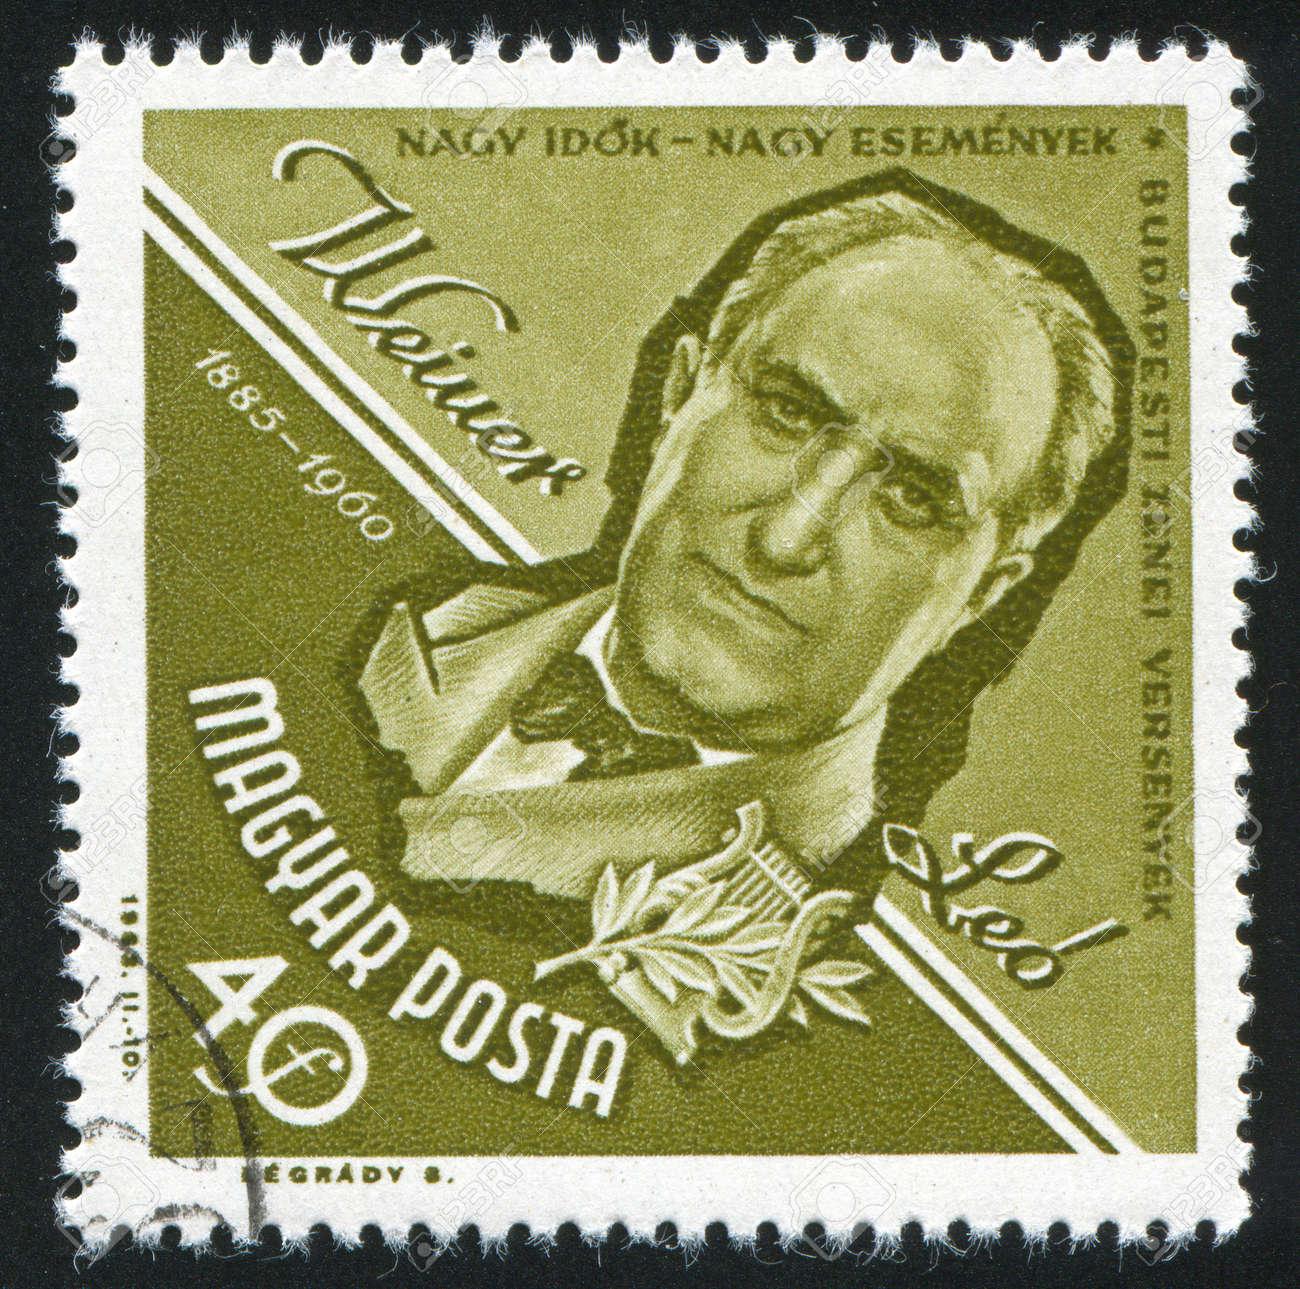 ハンガリー - 1963 年頃: 切手が...